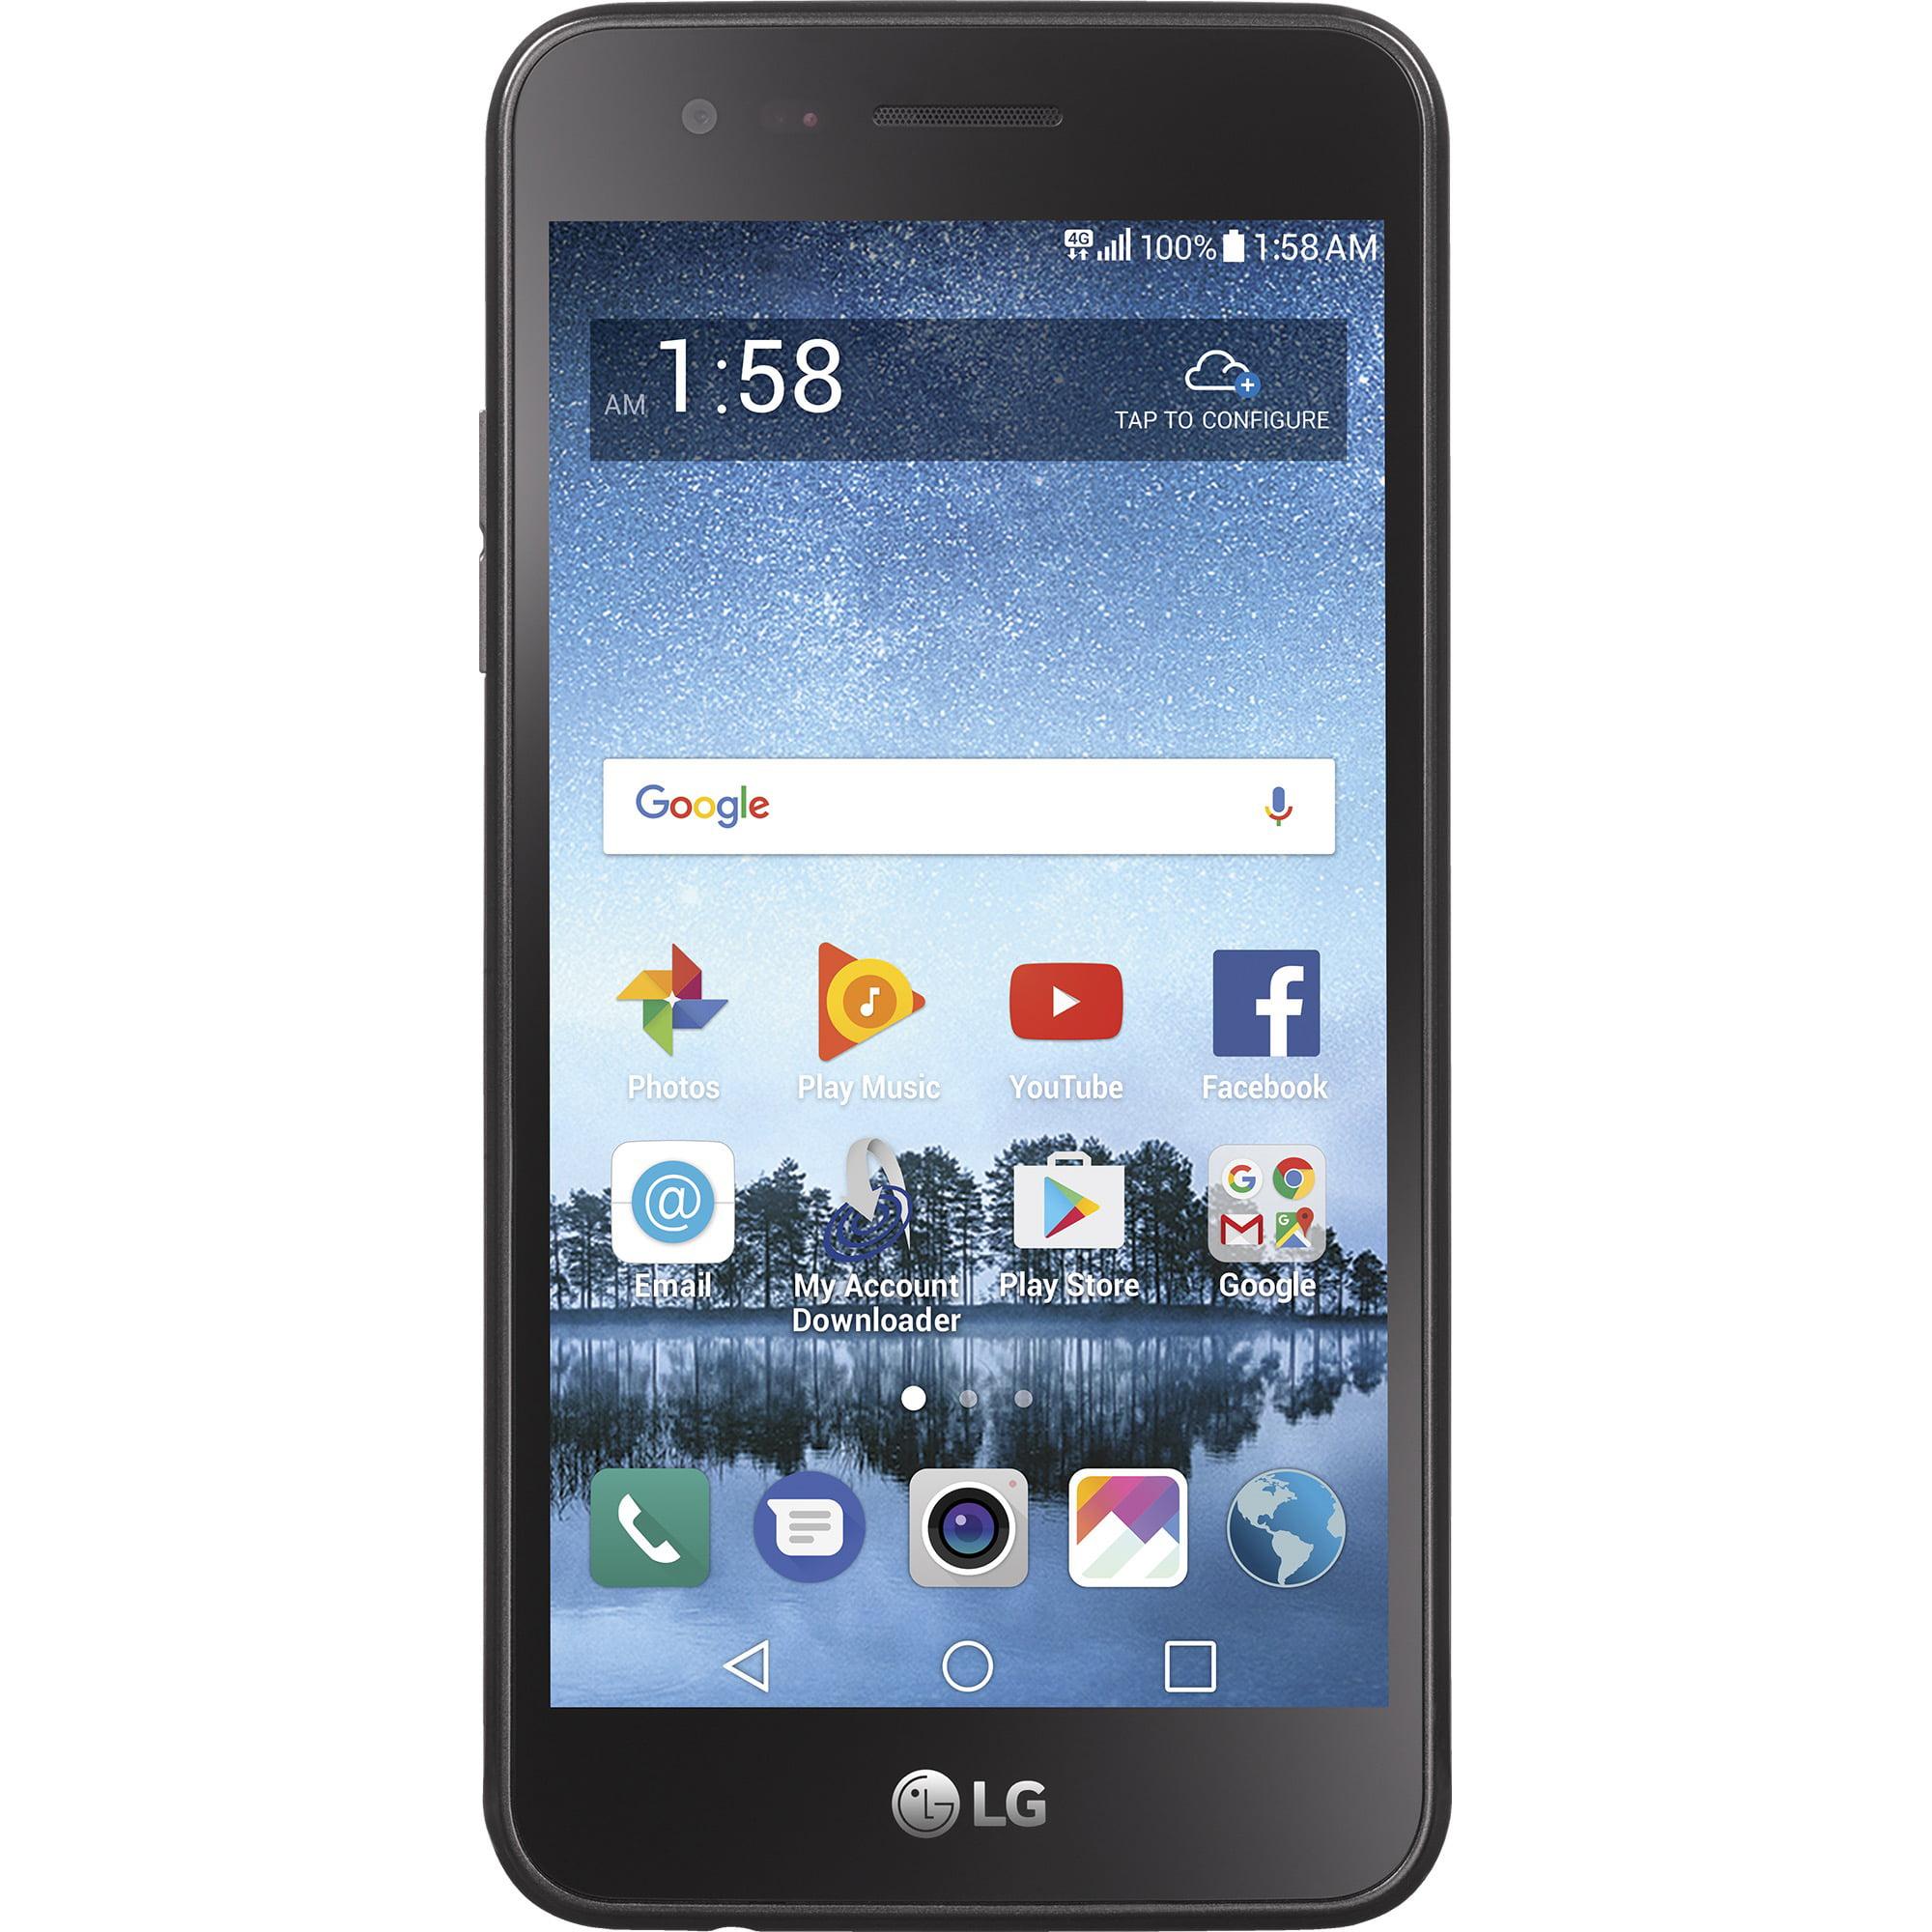 Tracfone LG Rebel 3 Prepaid Smartphone